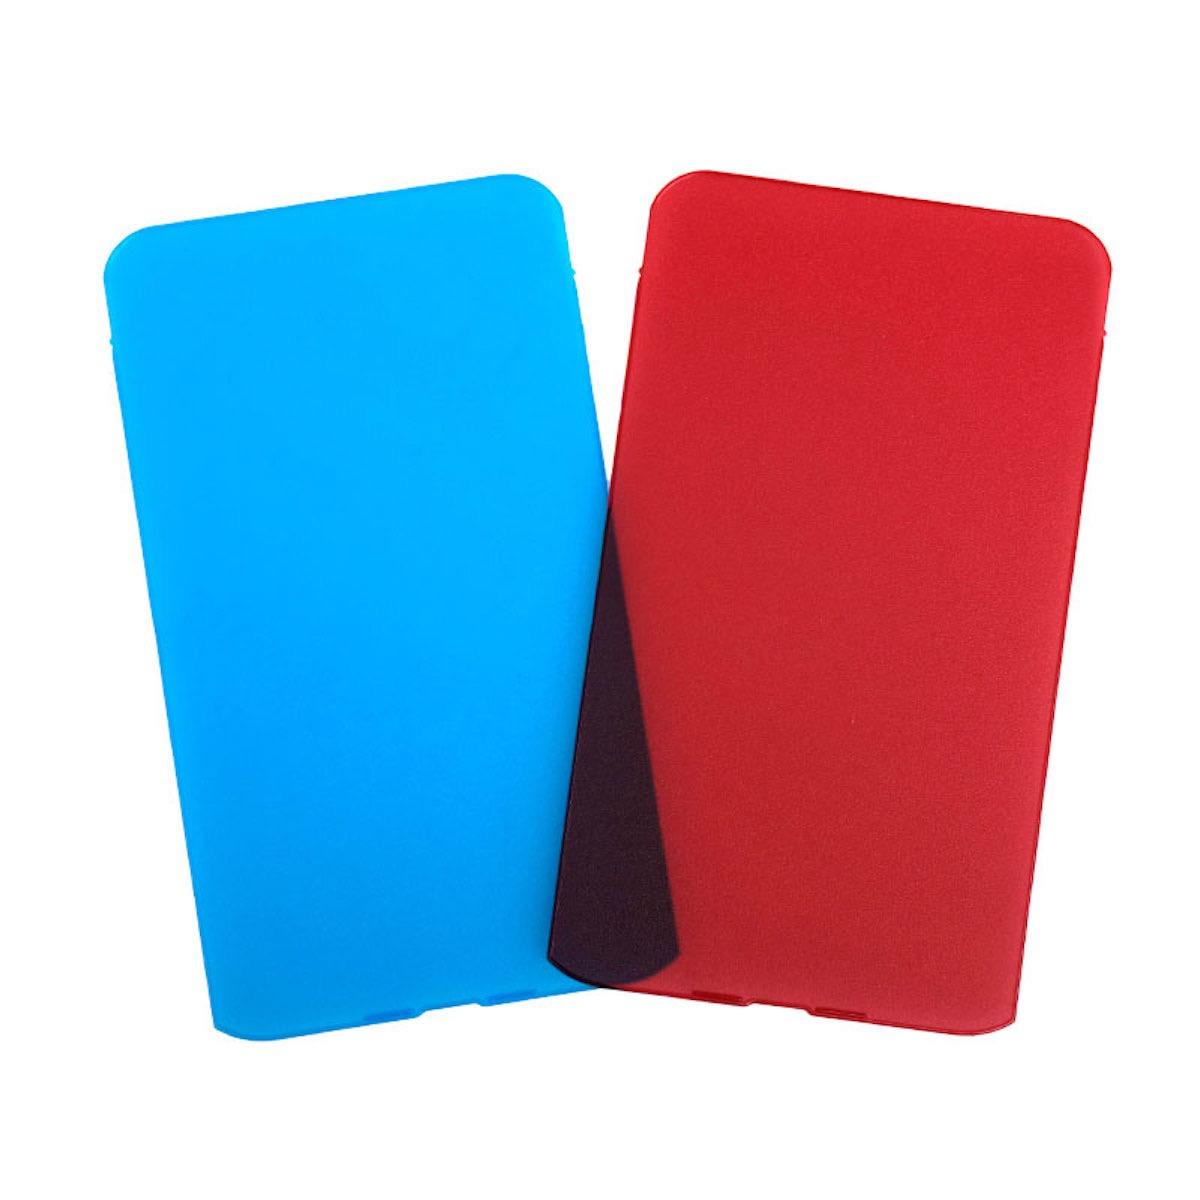 Godox Farbfilter für LED 126 Rot/Blau